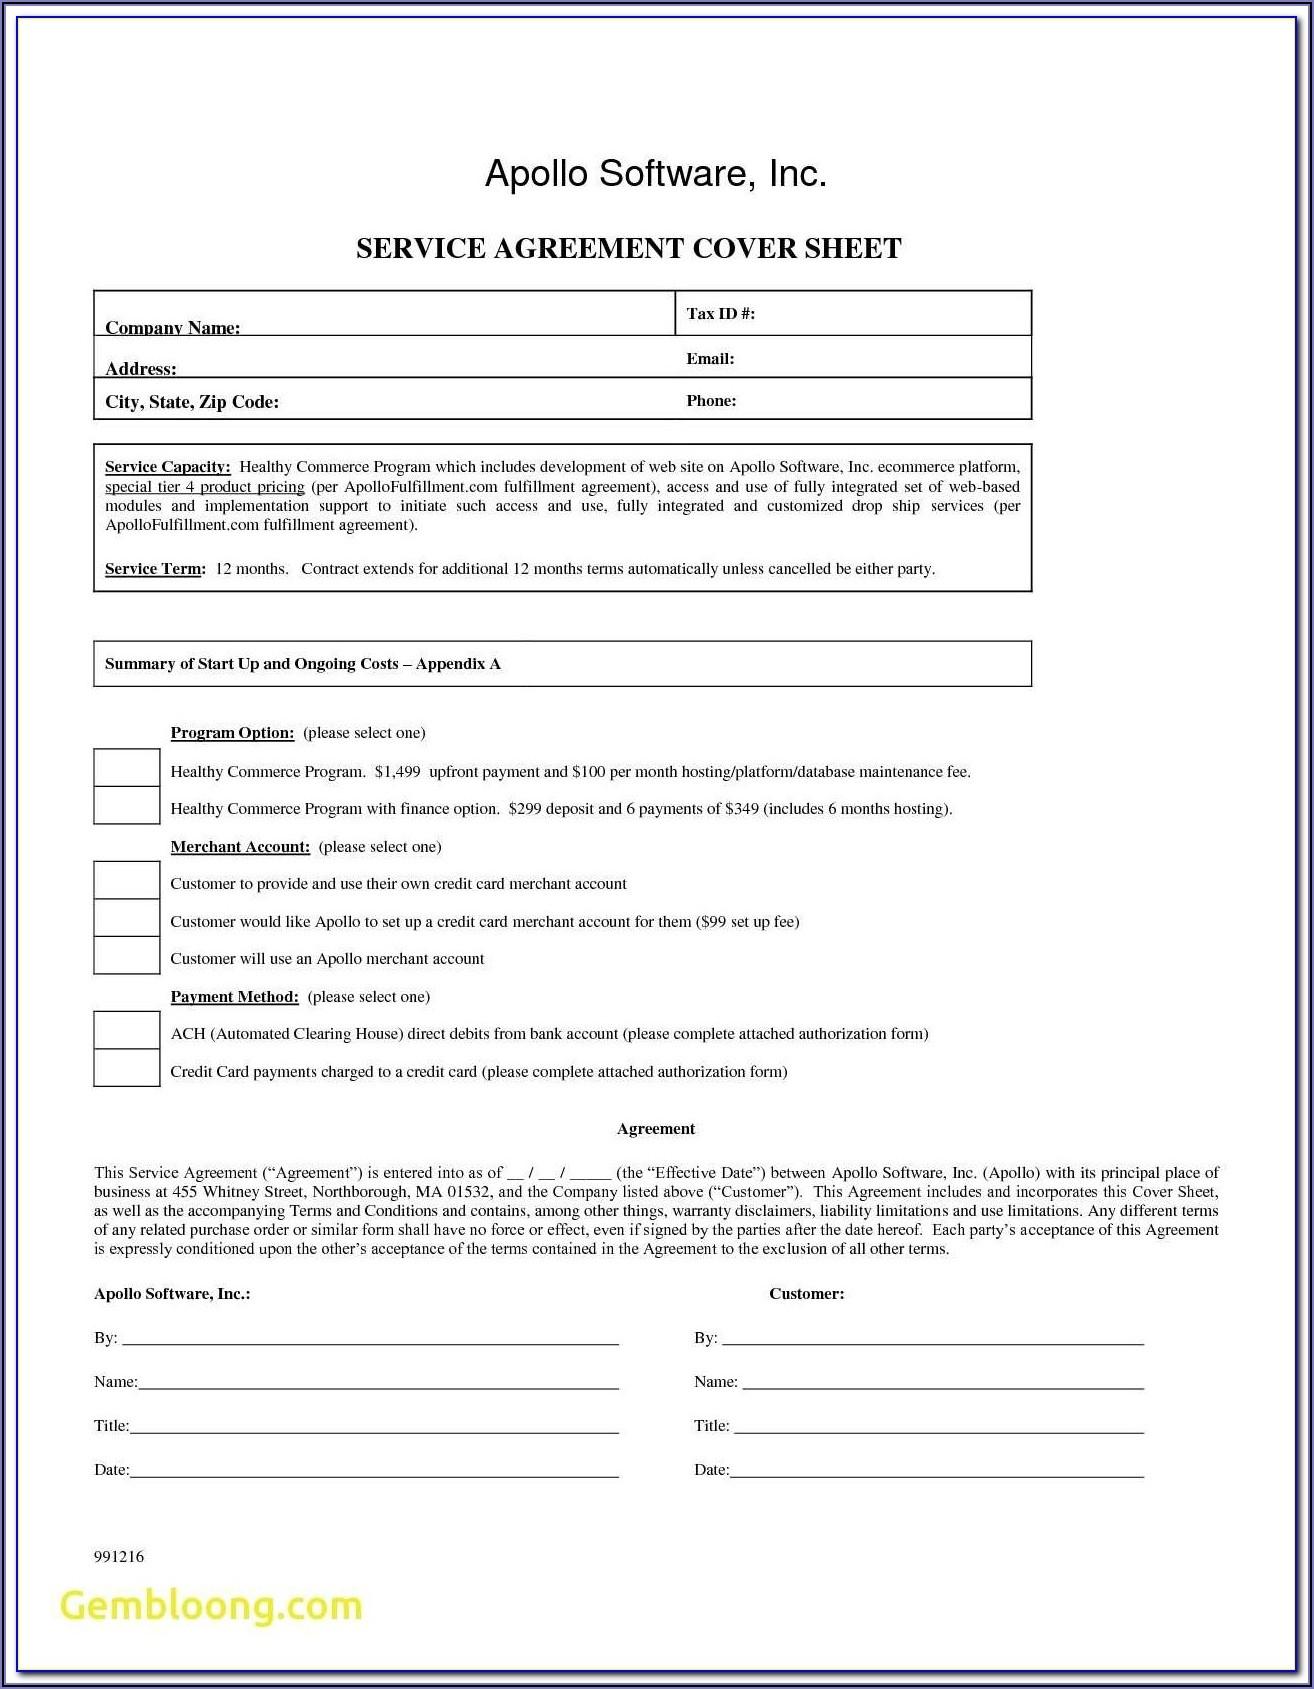 Ach Debit Authorization Form Template